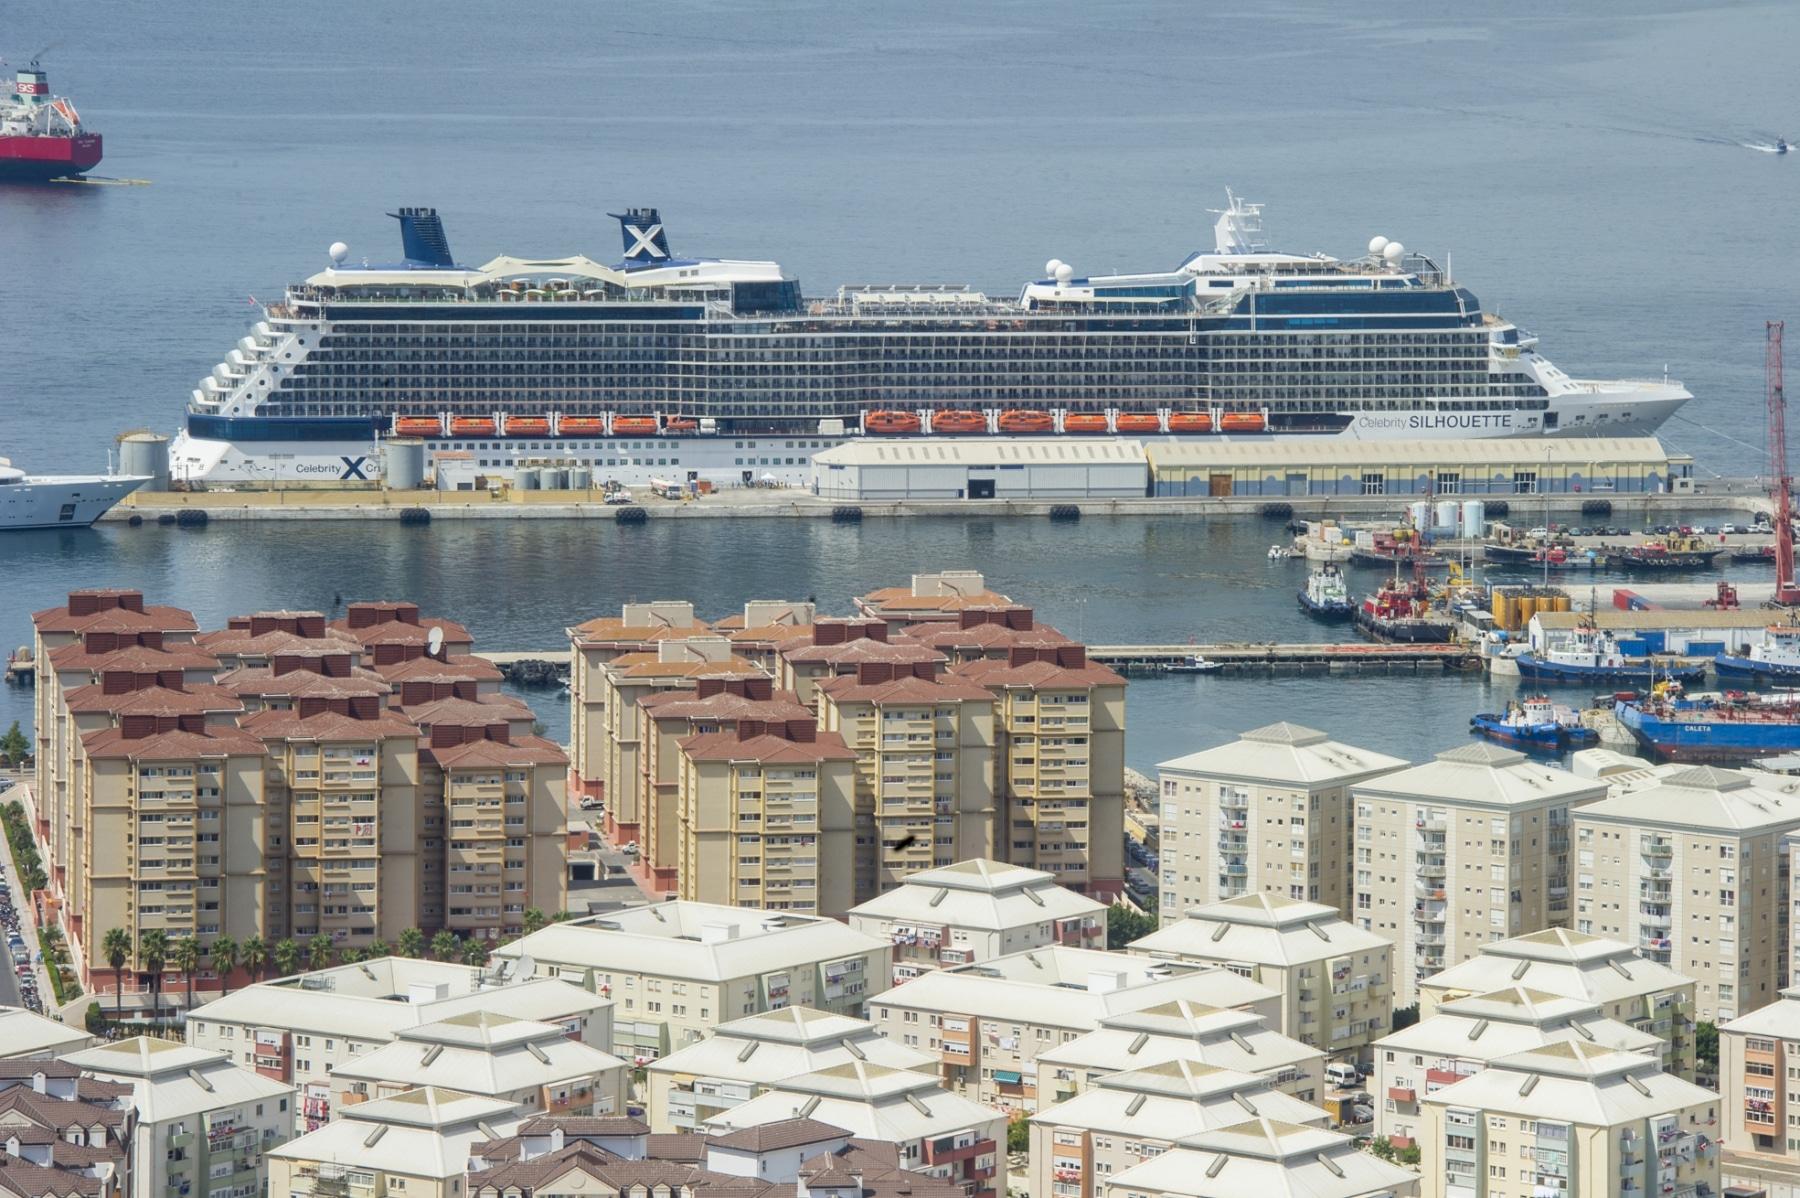 un-crucero-anclado-en-el-puerto-de-gibraltar_22118659433_o